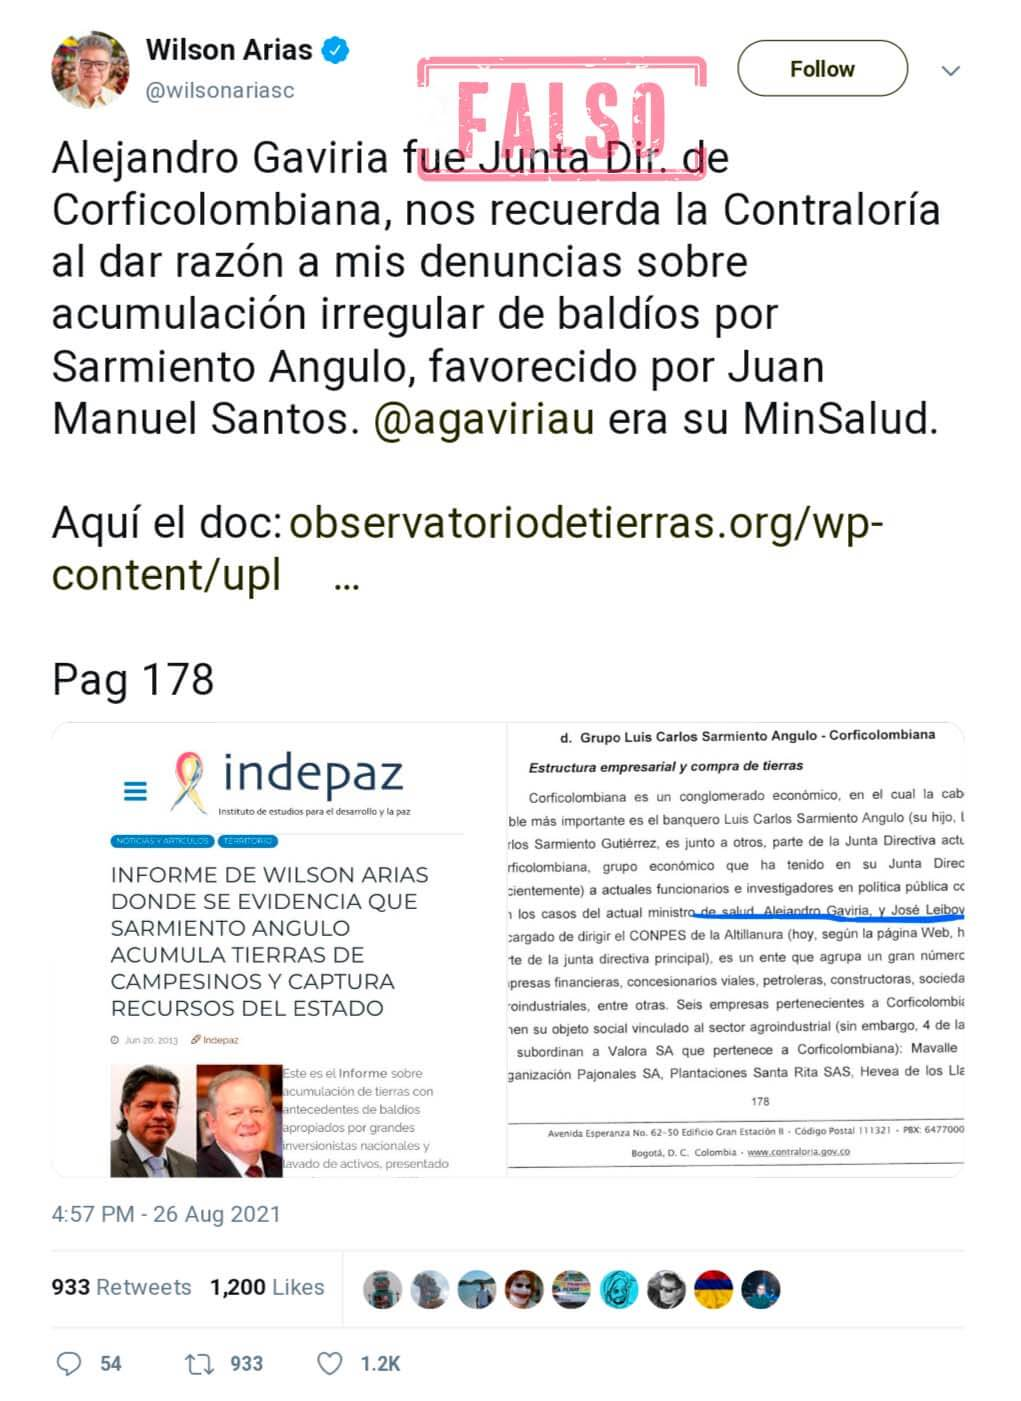 Pantallazo trino de Wilson Arias contra Alejandro Gaviria con acusación falsa sobre su supuesta relación con Corficolombiana y acumulación de baldíos